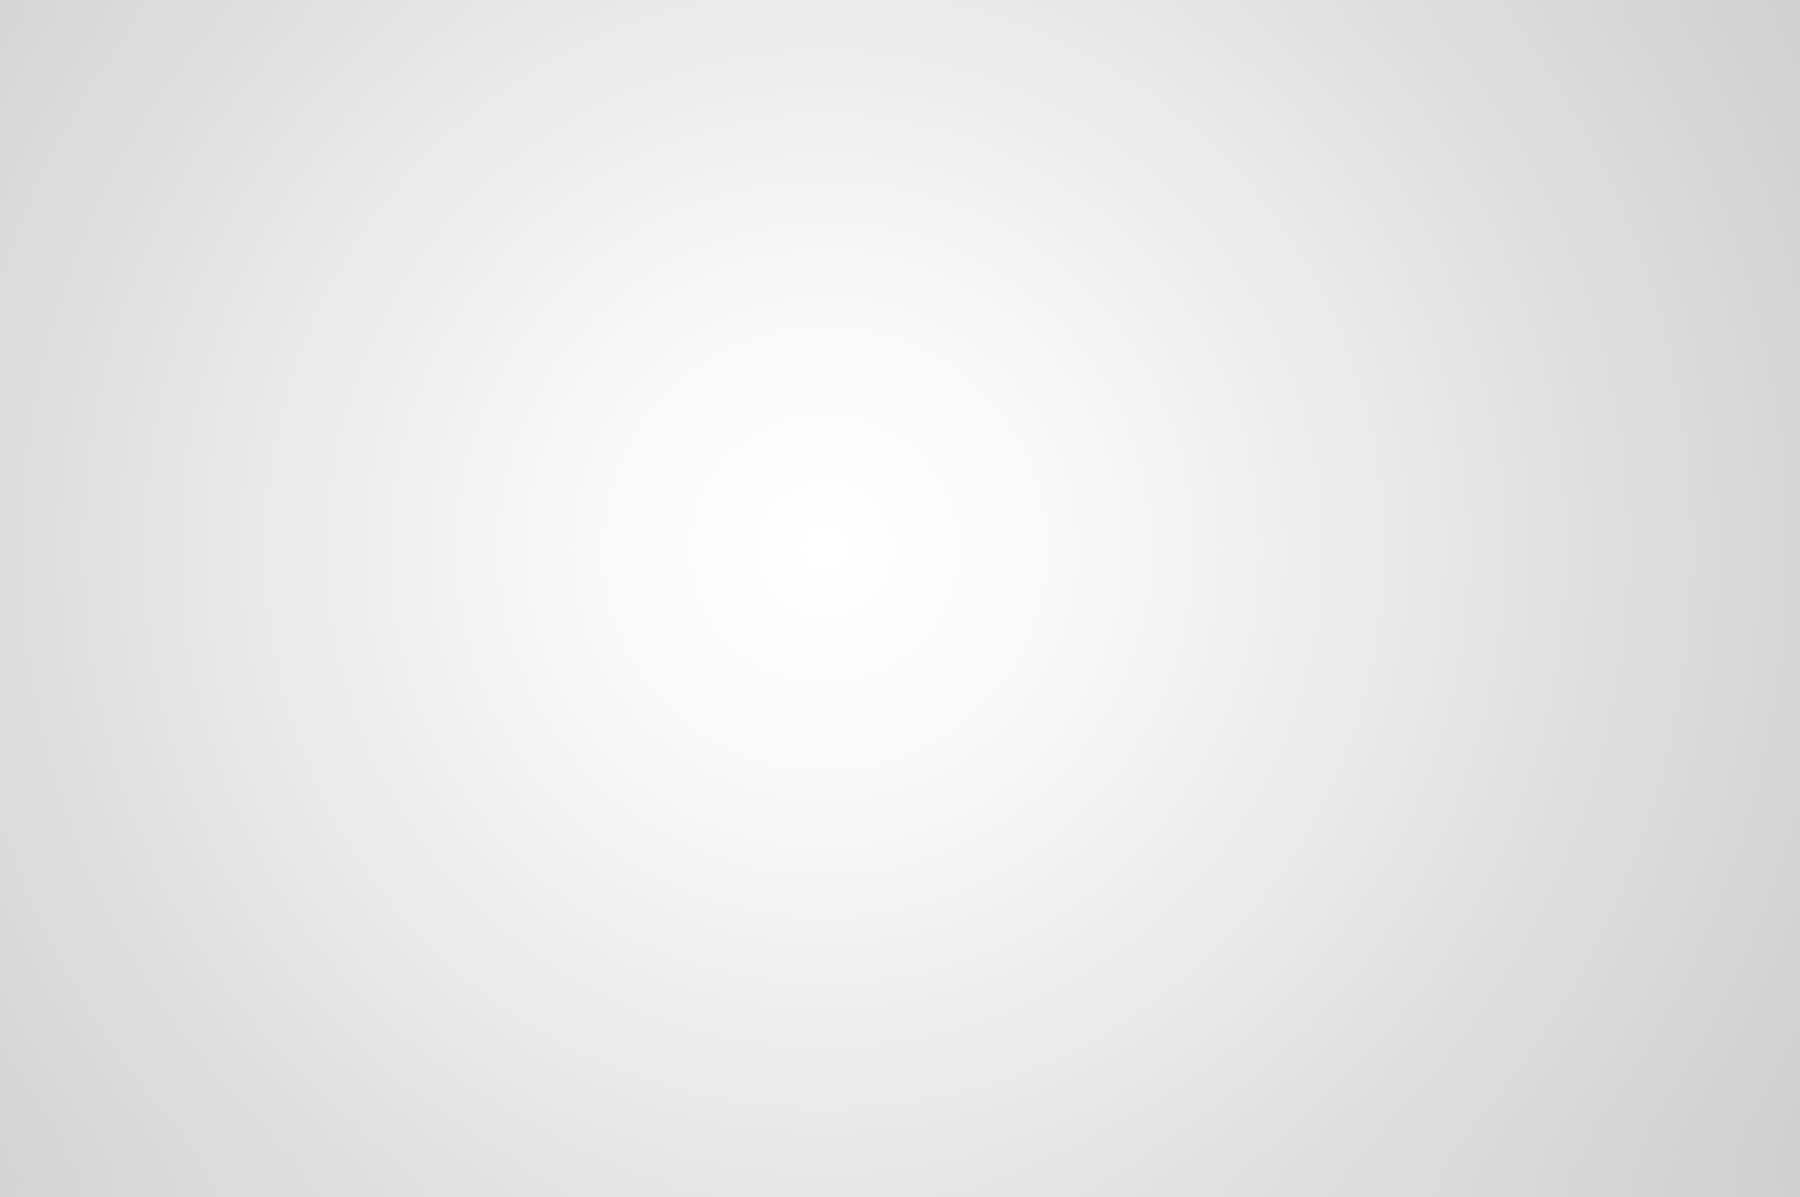 Sfondo Bianco Lorafo Gioielli Gioielli Delle Migliori Marche Al